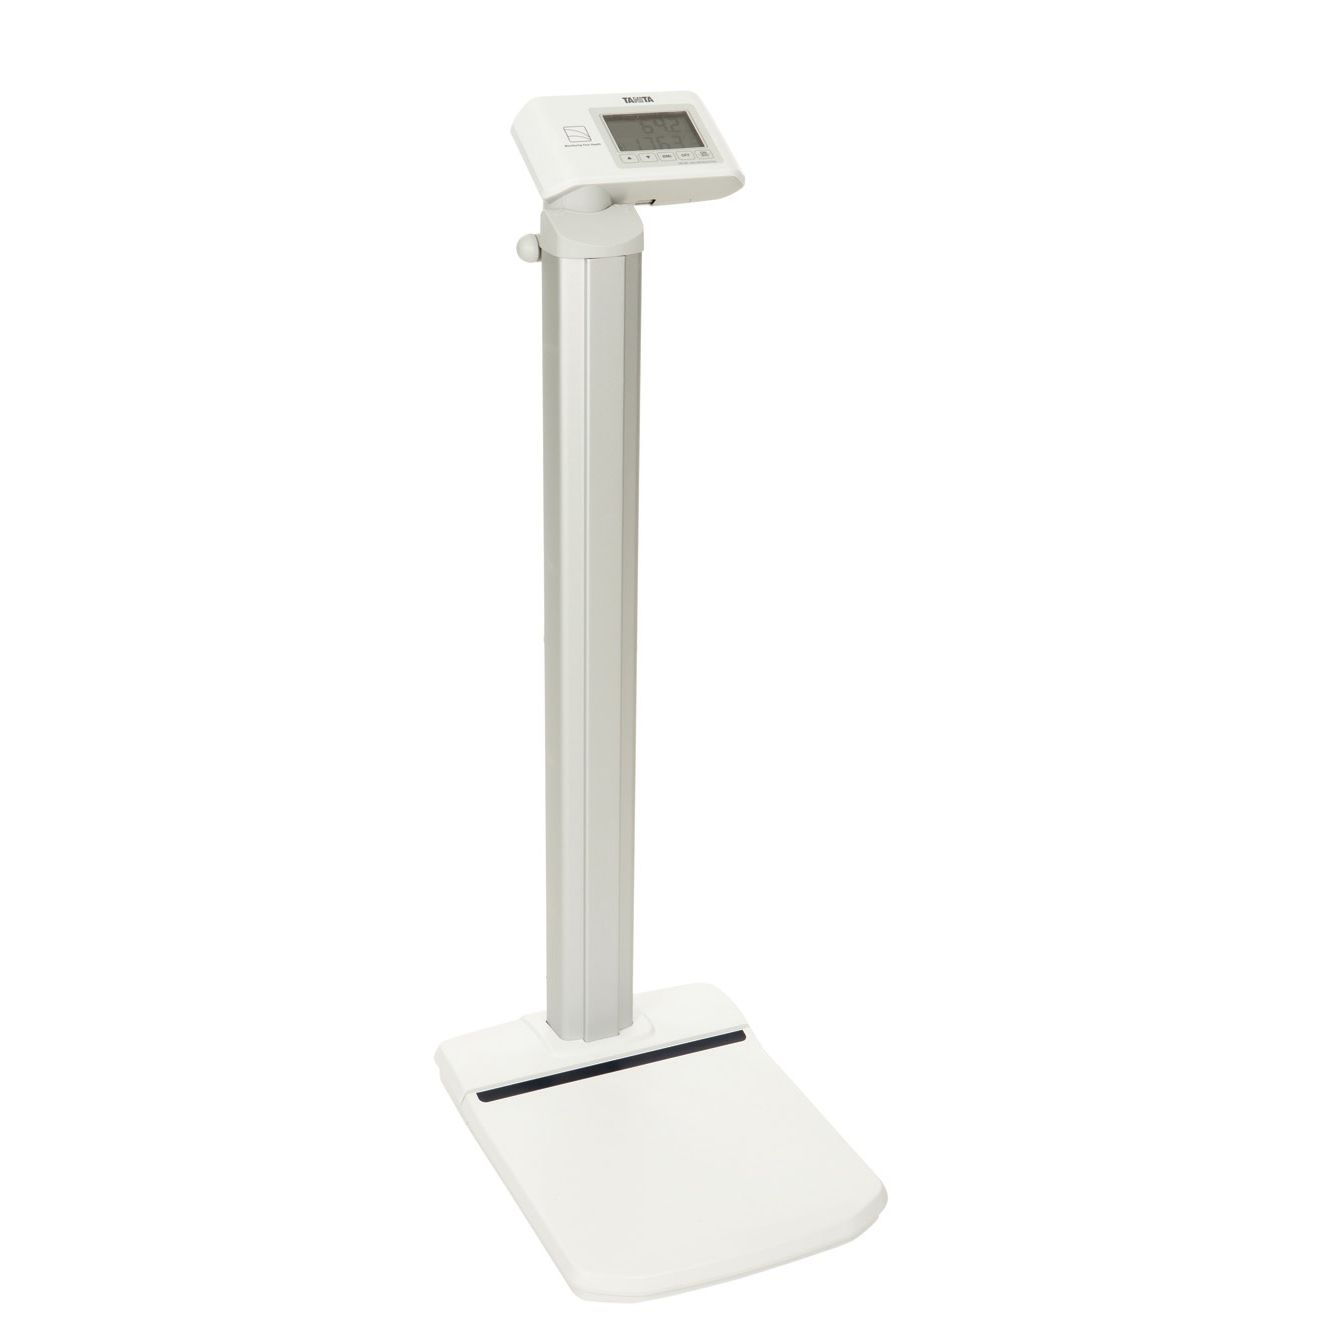 Lékařská osobní váha Tanita WB 380P s funkcí BMI (Osobní digitální váha Tanita WB 380P s funkcí BMI ve vysokém provedení)